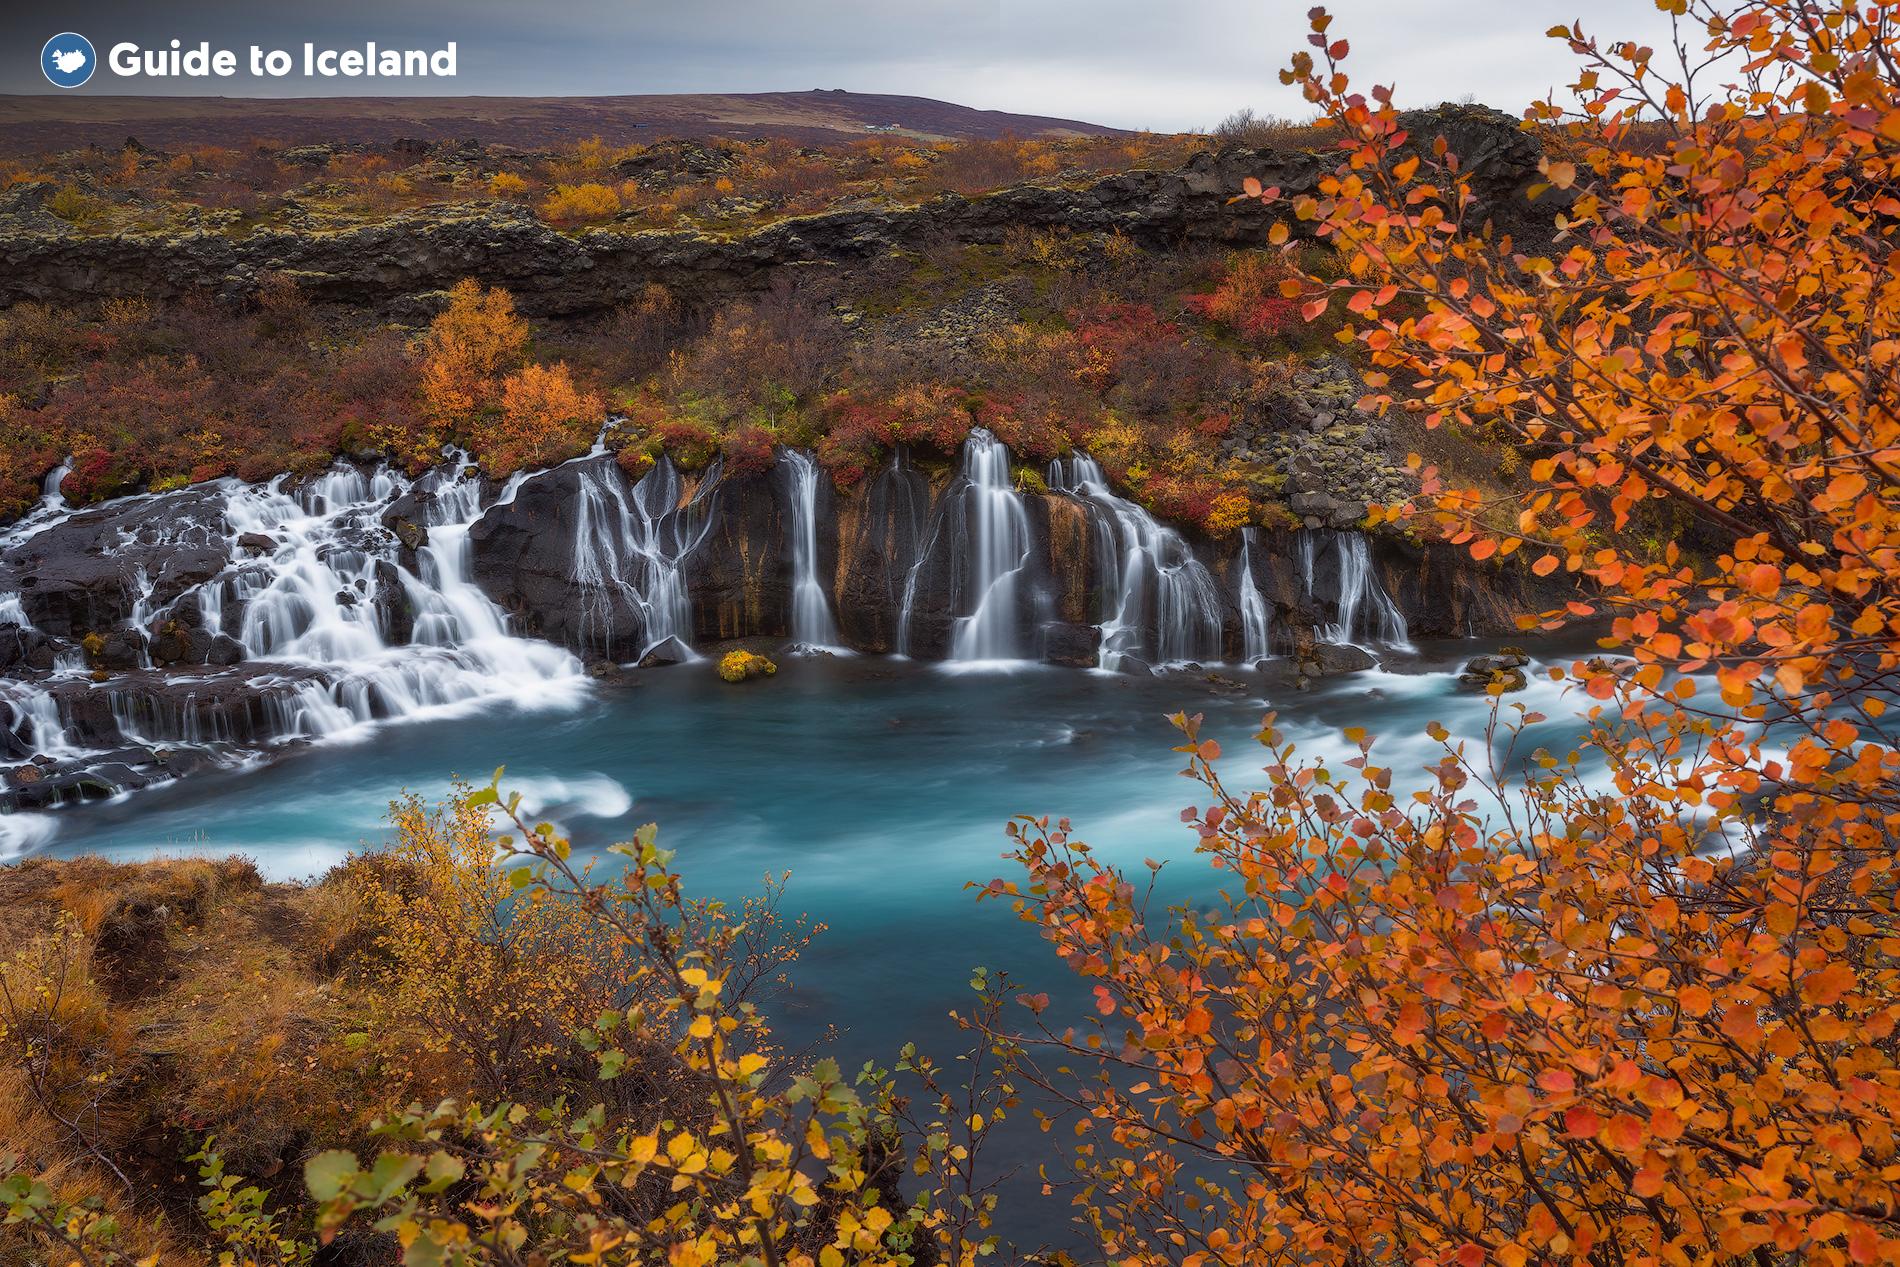 冰岛西部的熔岩瀑布从熔岩之下泄出